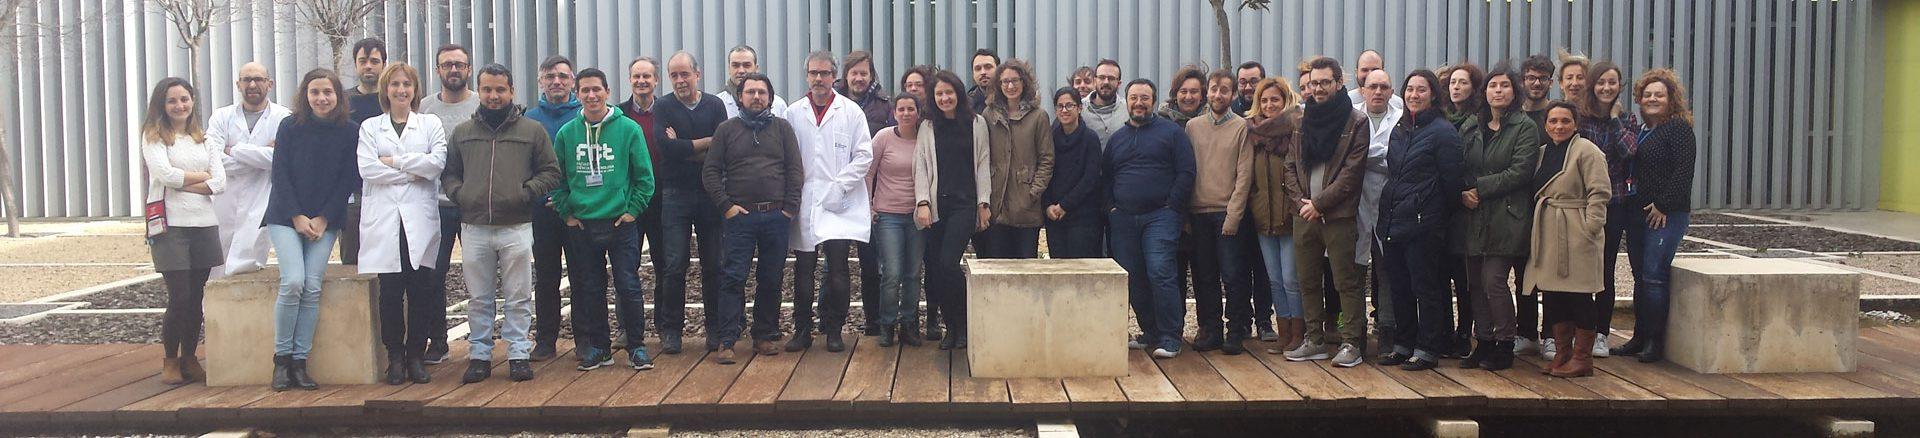 Plataforma por la Dignidad en la Investigación de la Universidad de Zaragoza